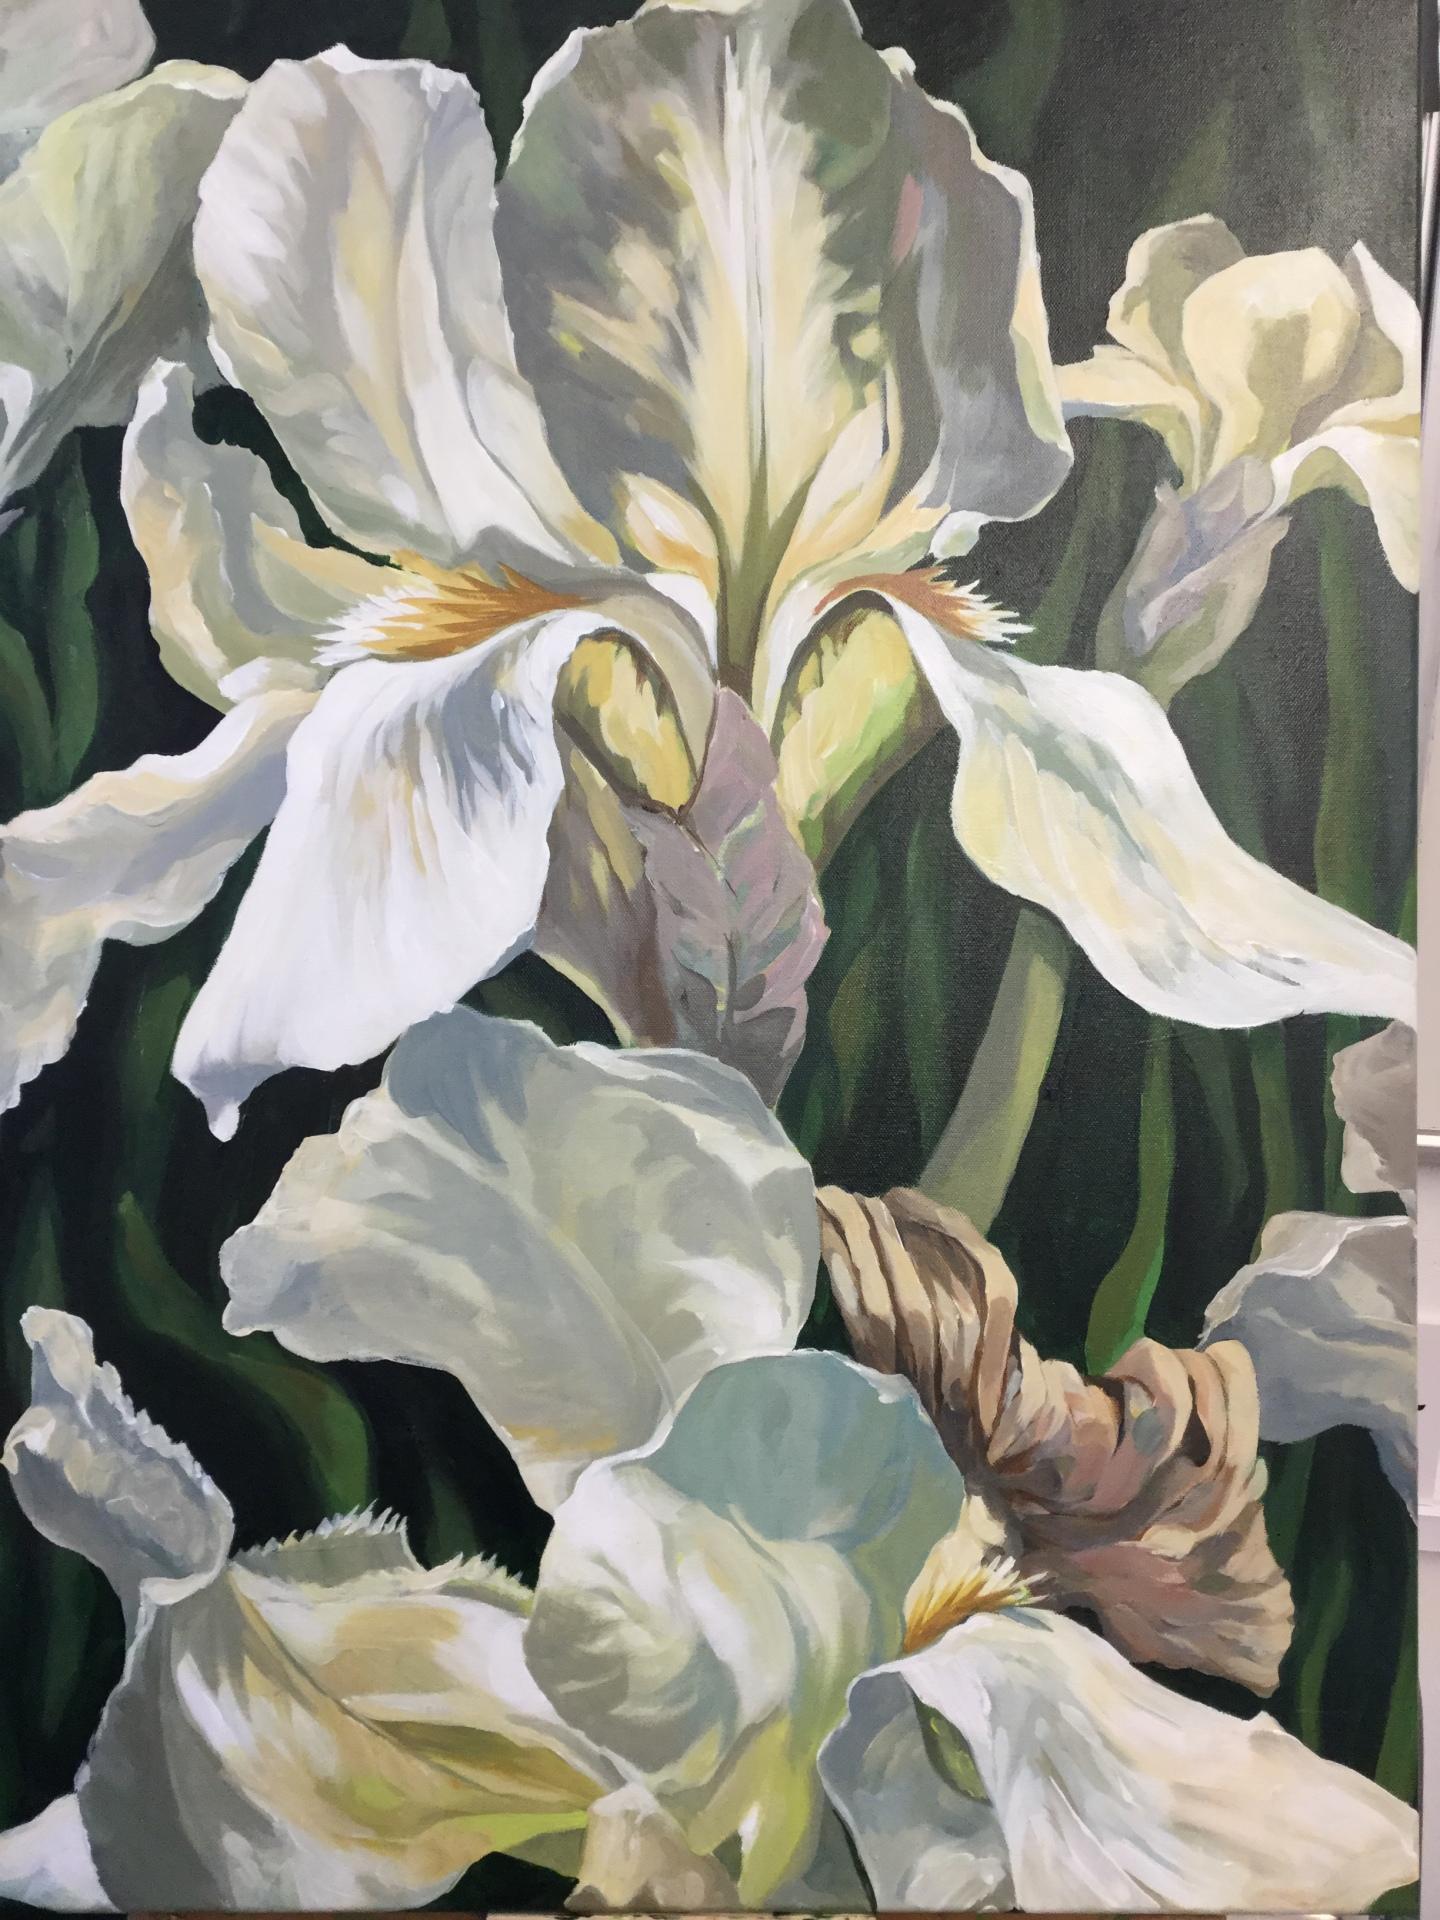 Large Irises